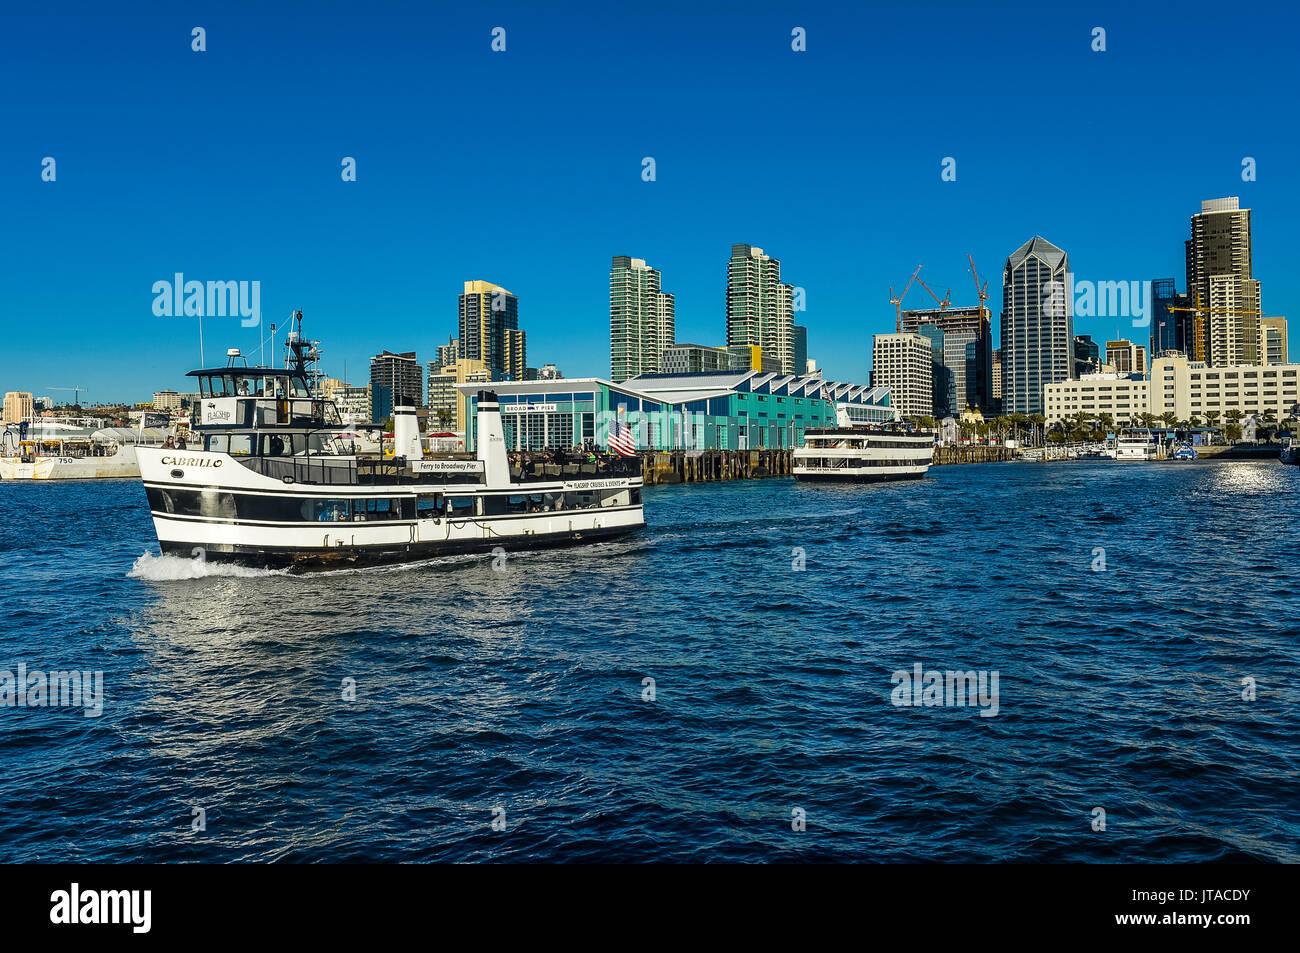 Piccolo turista nave da crociera con lo skyline in background, il Porto di San Diego, California, Stati Uniti d'America, America del Nord Immagini Stock